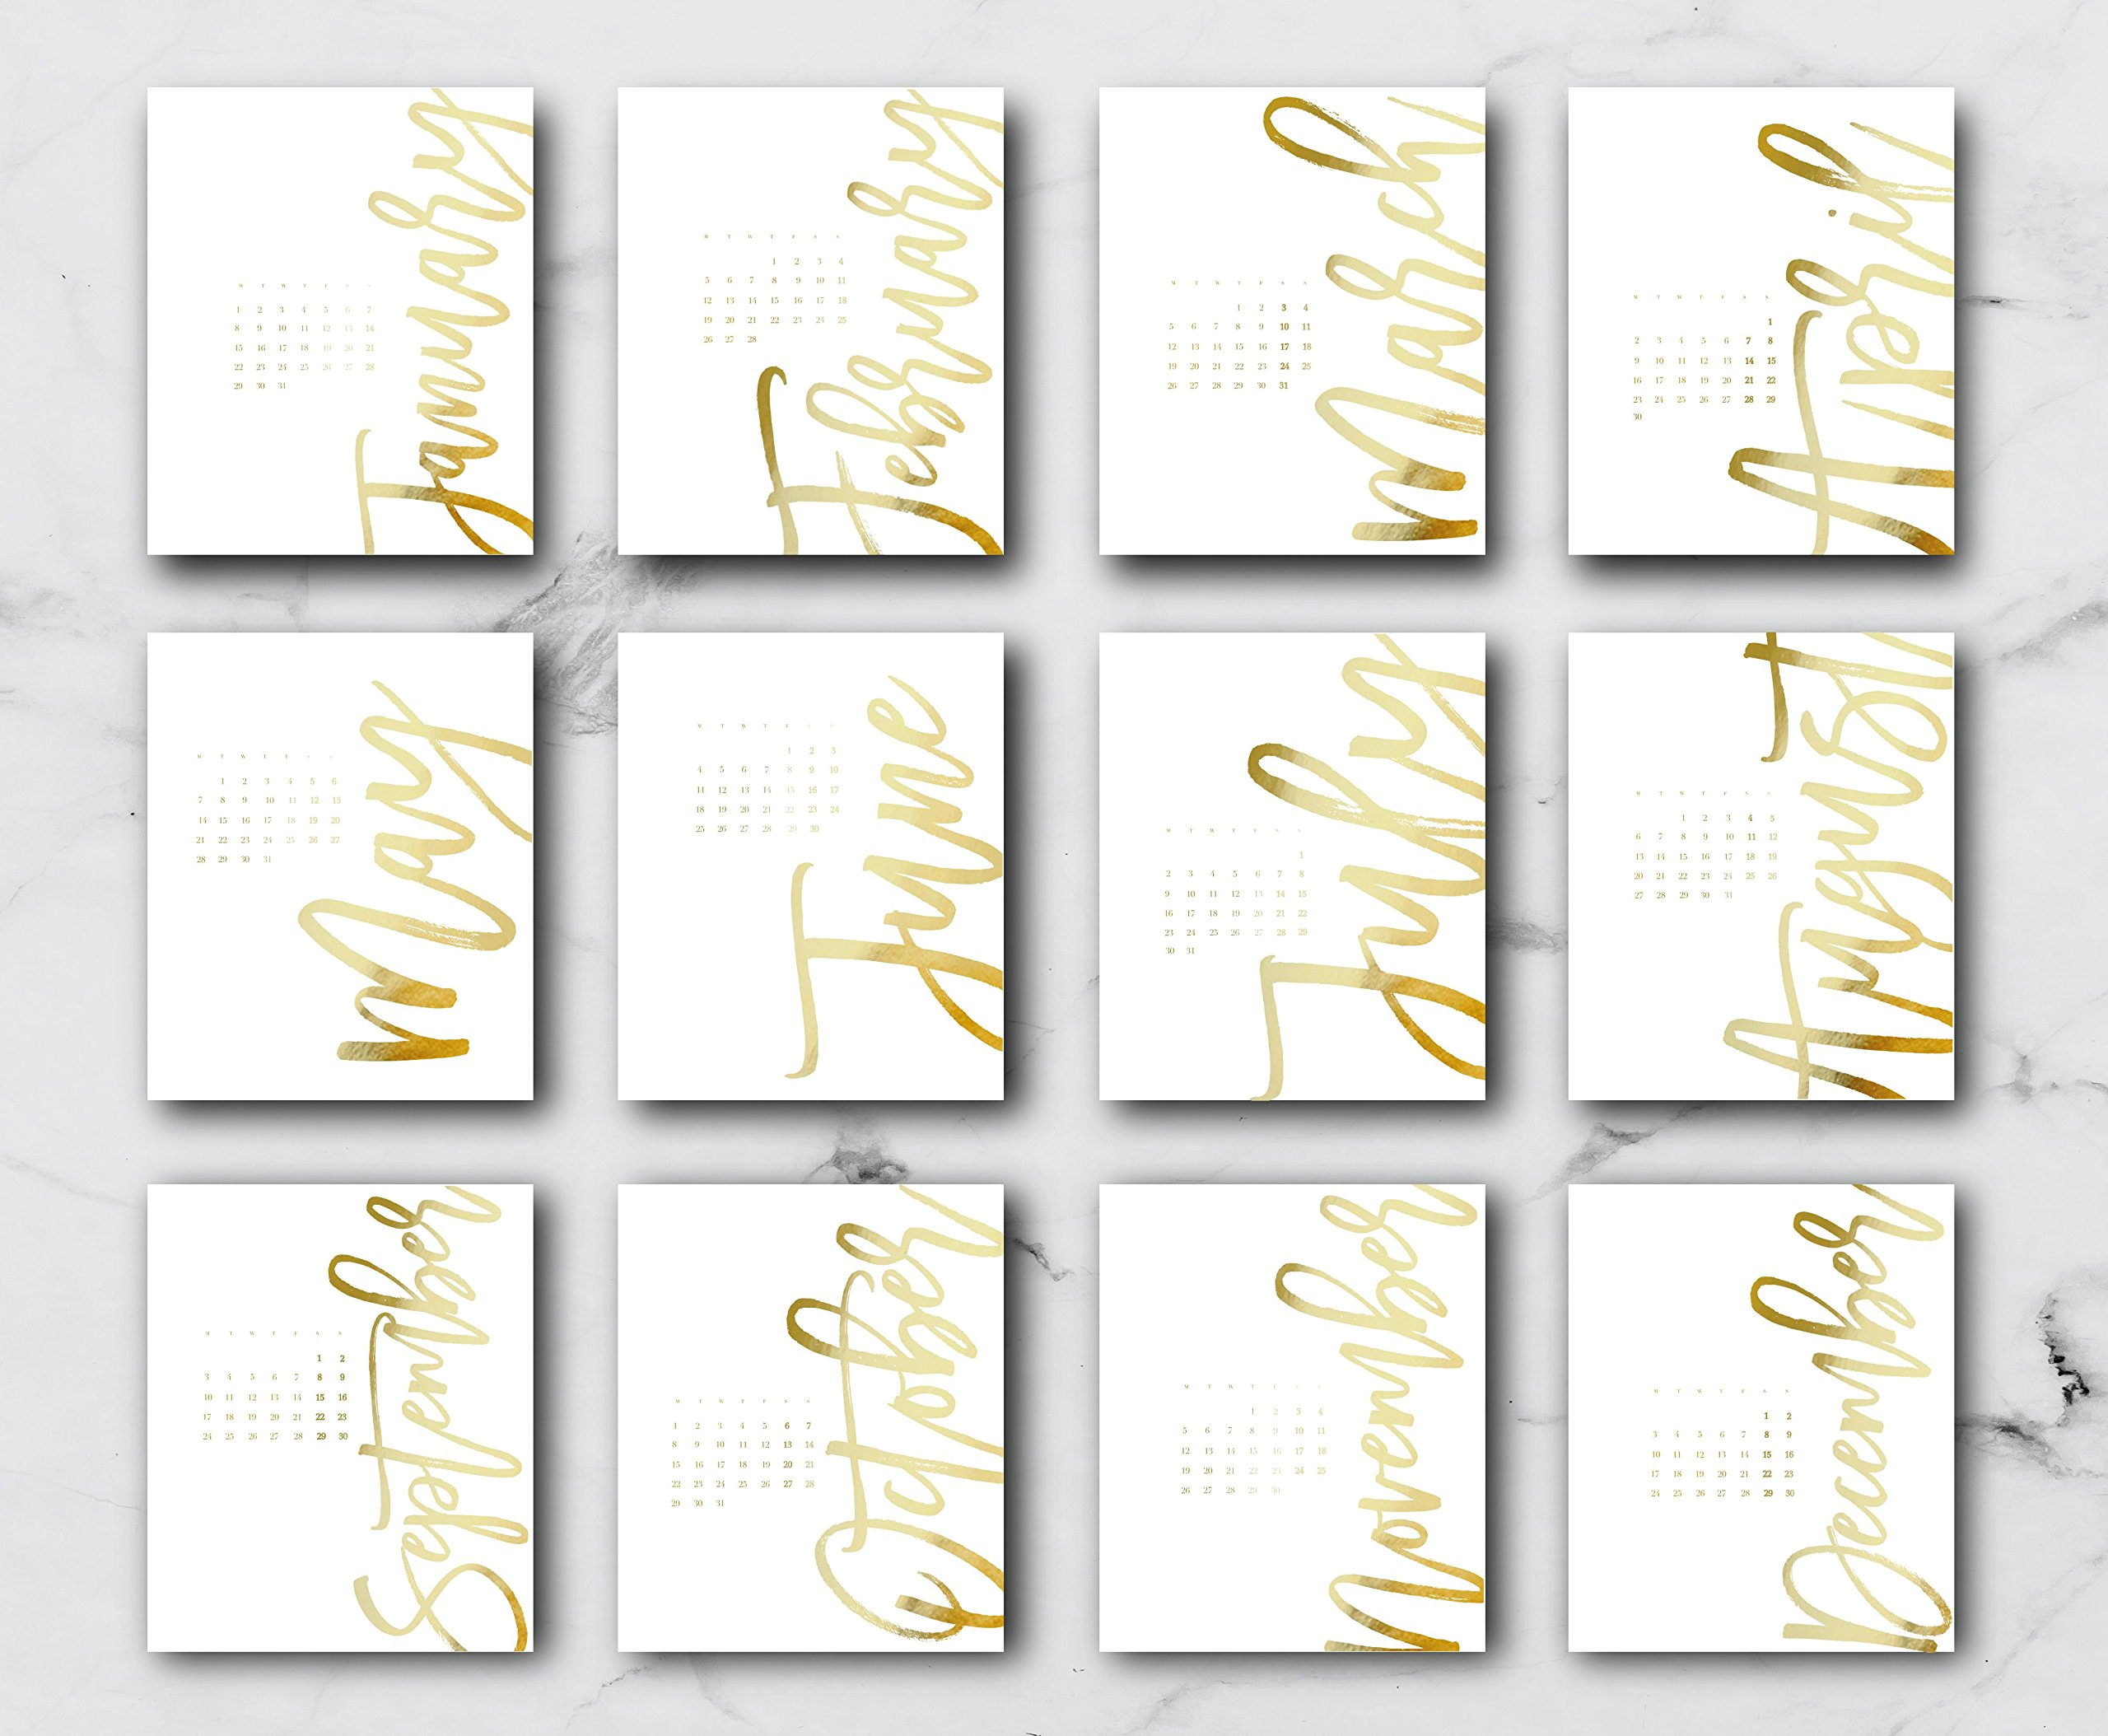 2018 Desktop Vertical Months Calendar, Christmas Gift, 2018 Calendar, Real Gold Foil, Modern Print, Card Stock Paper, Handmade Paper,Minimal